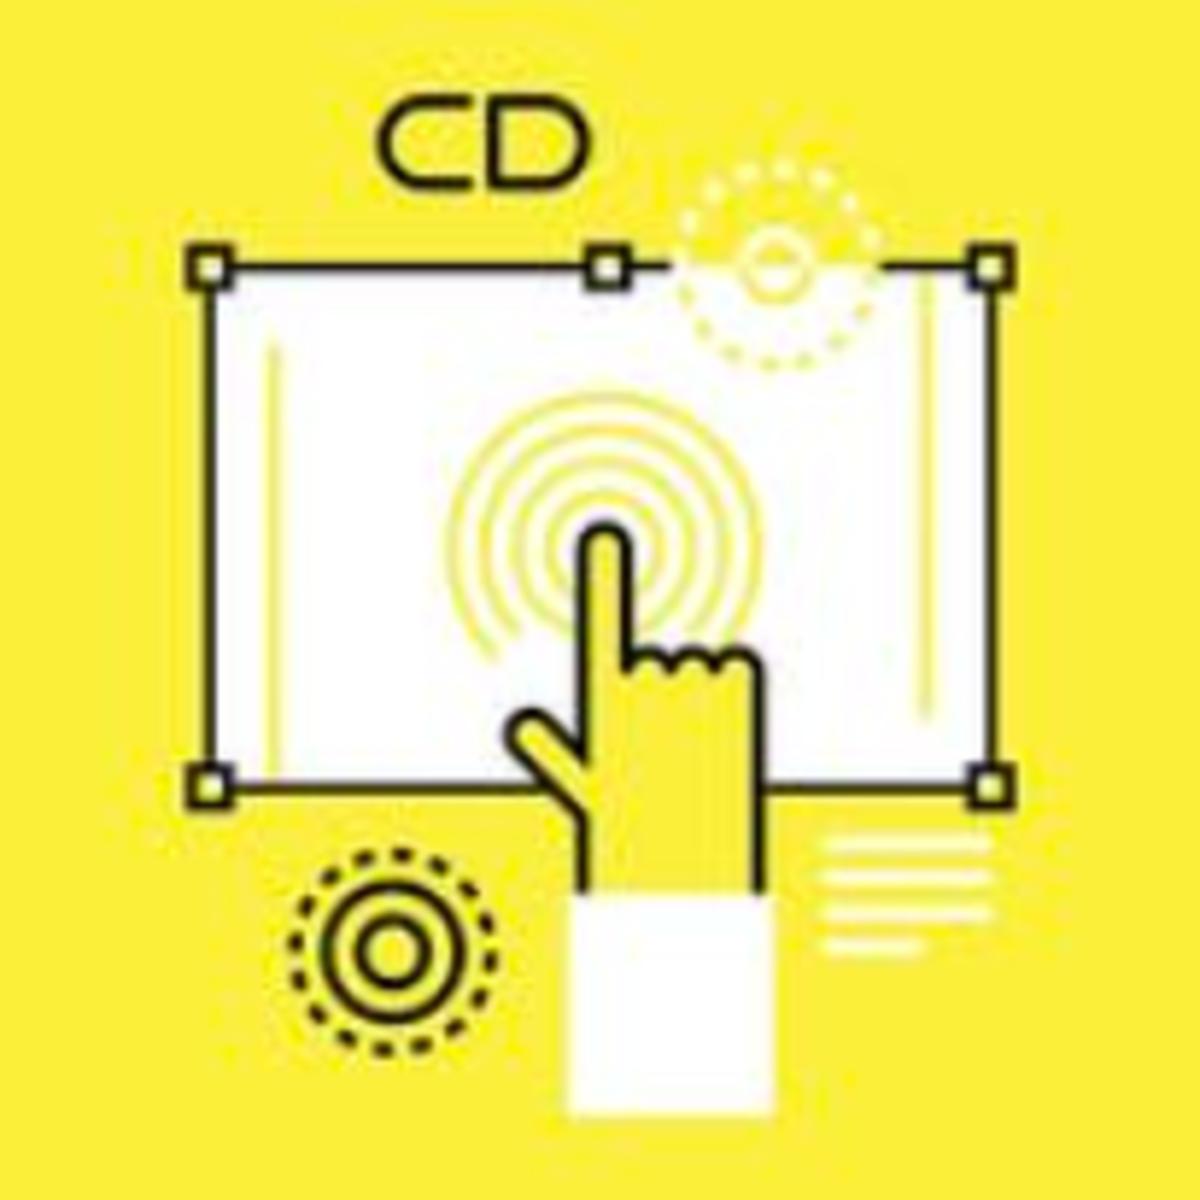 Прототипирование и тестирование интерфейса course image